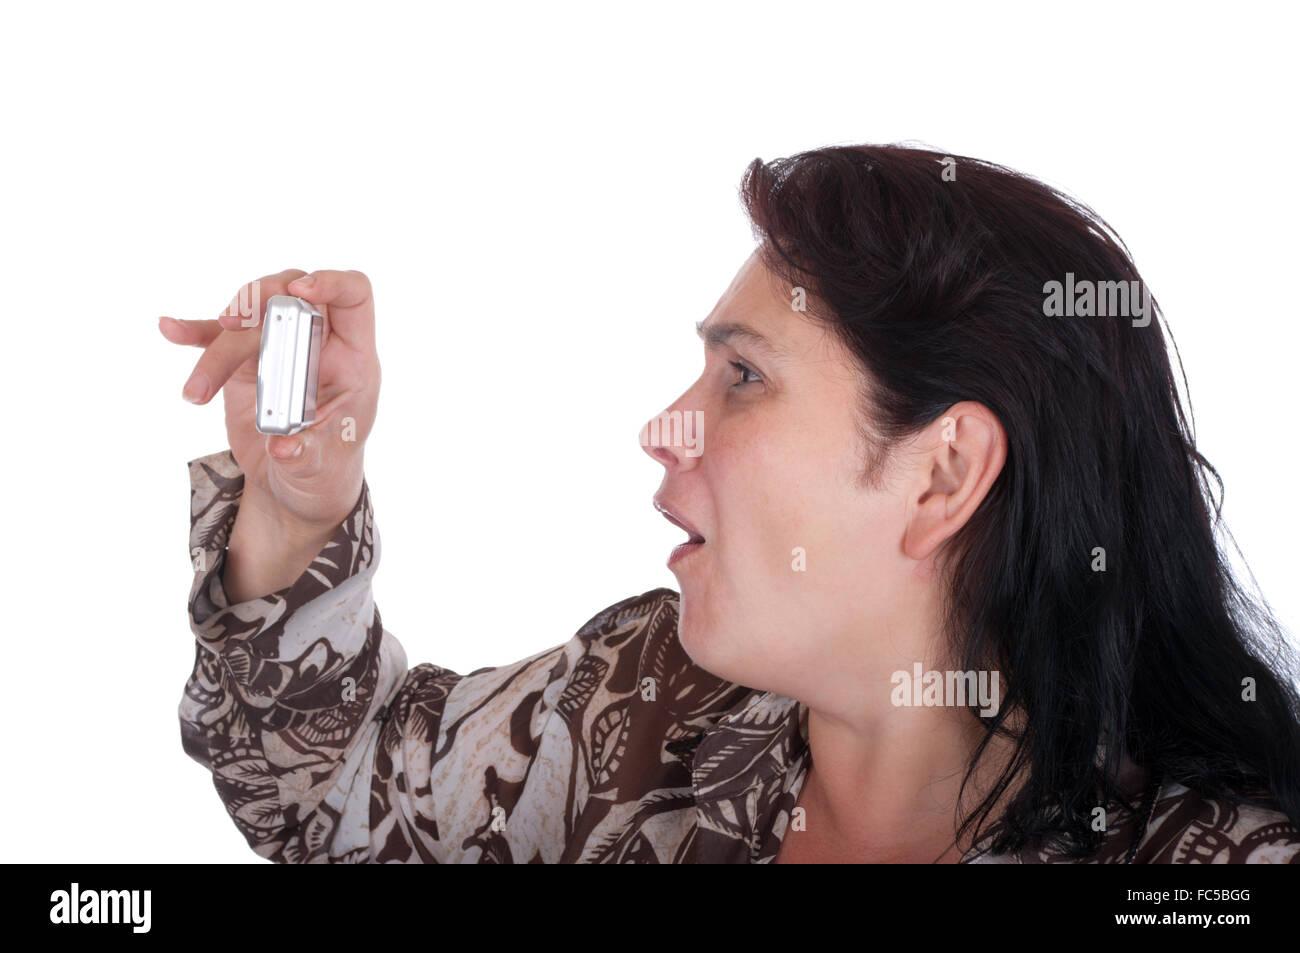 Frau fotografiert emotional die Kamera Stockbild